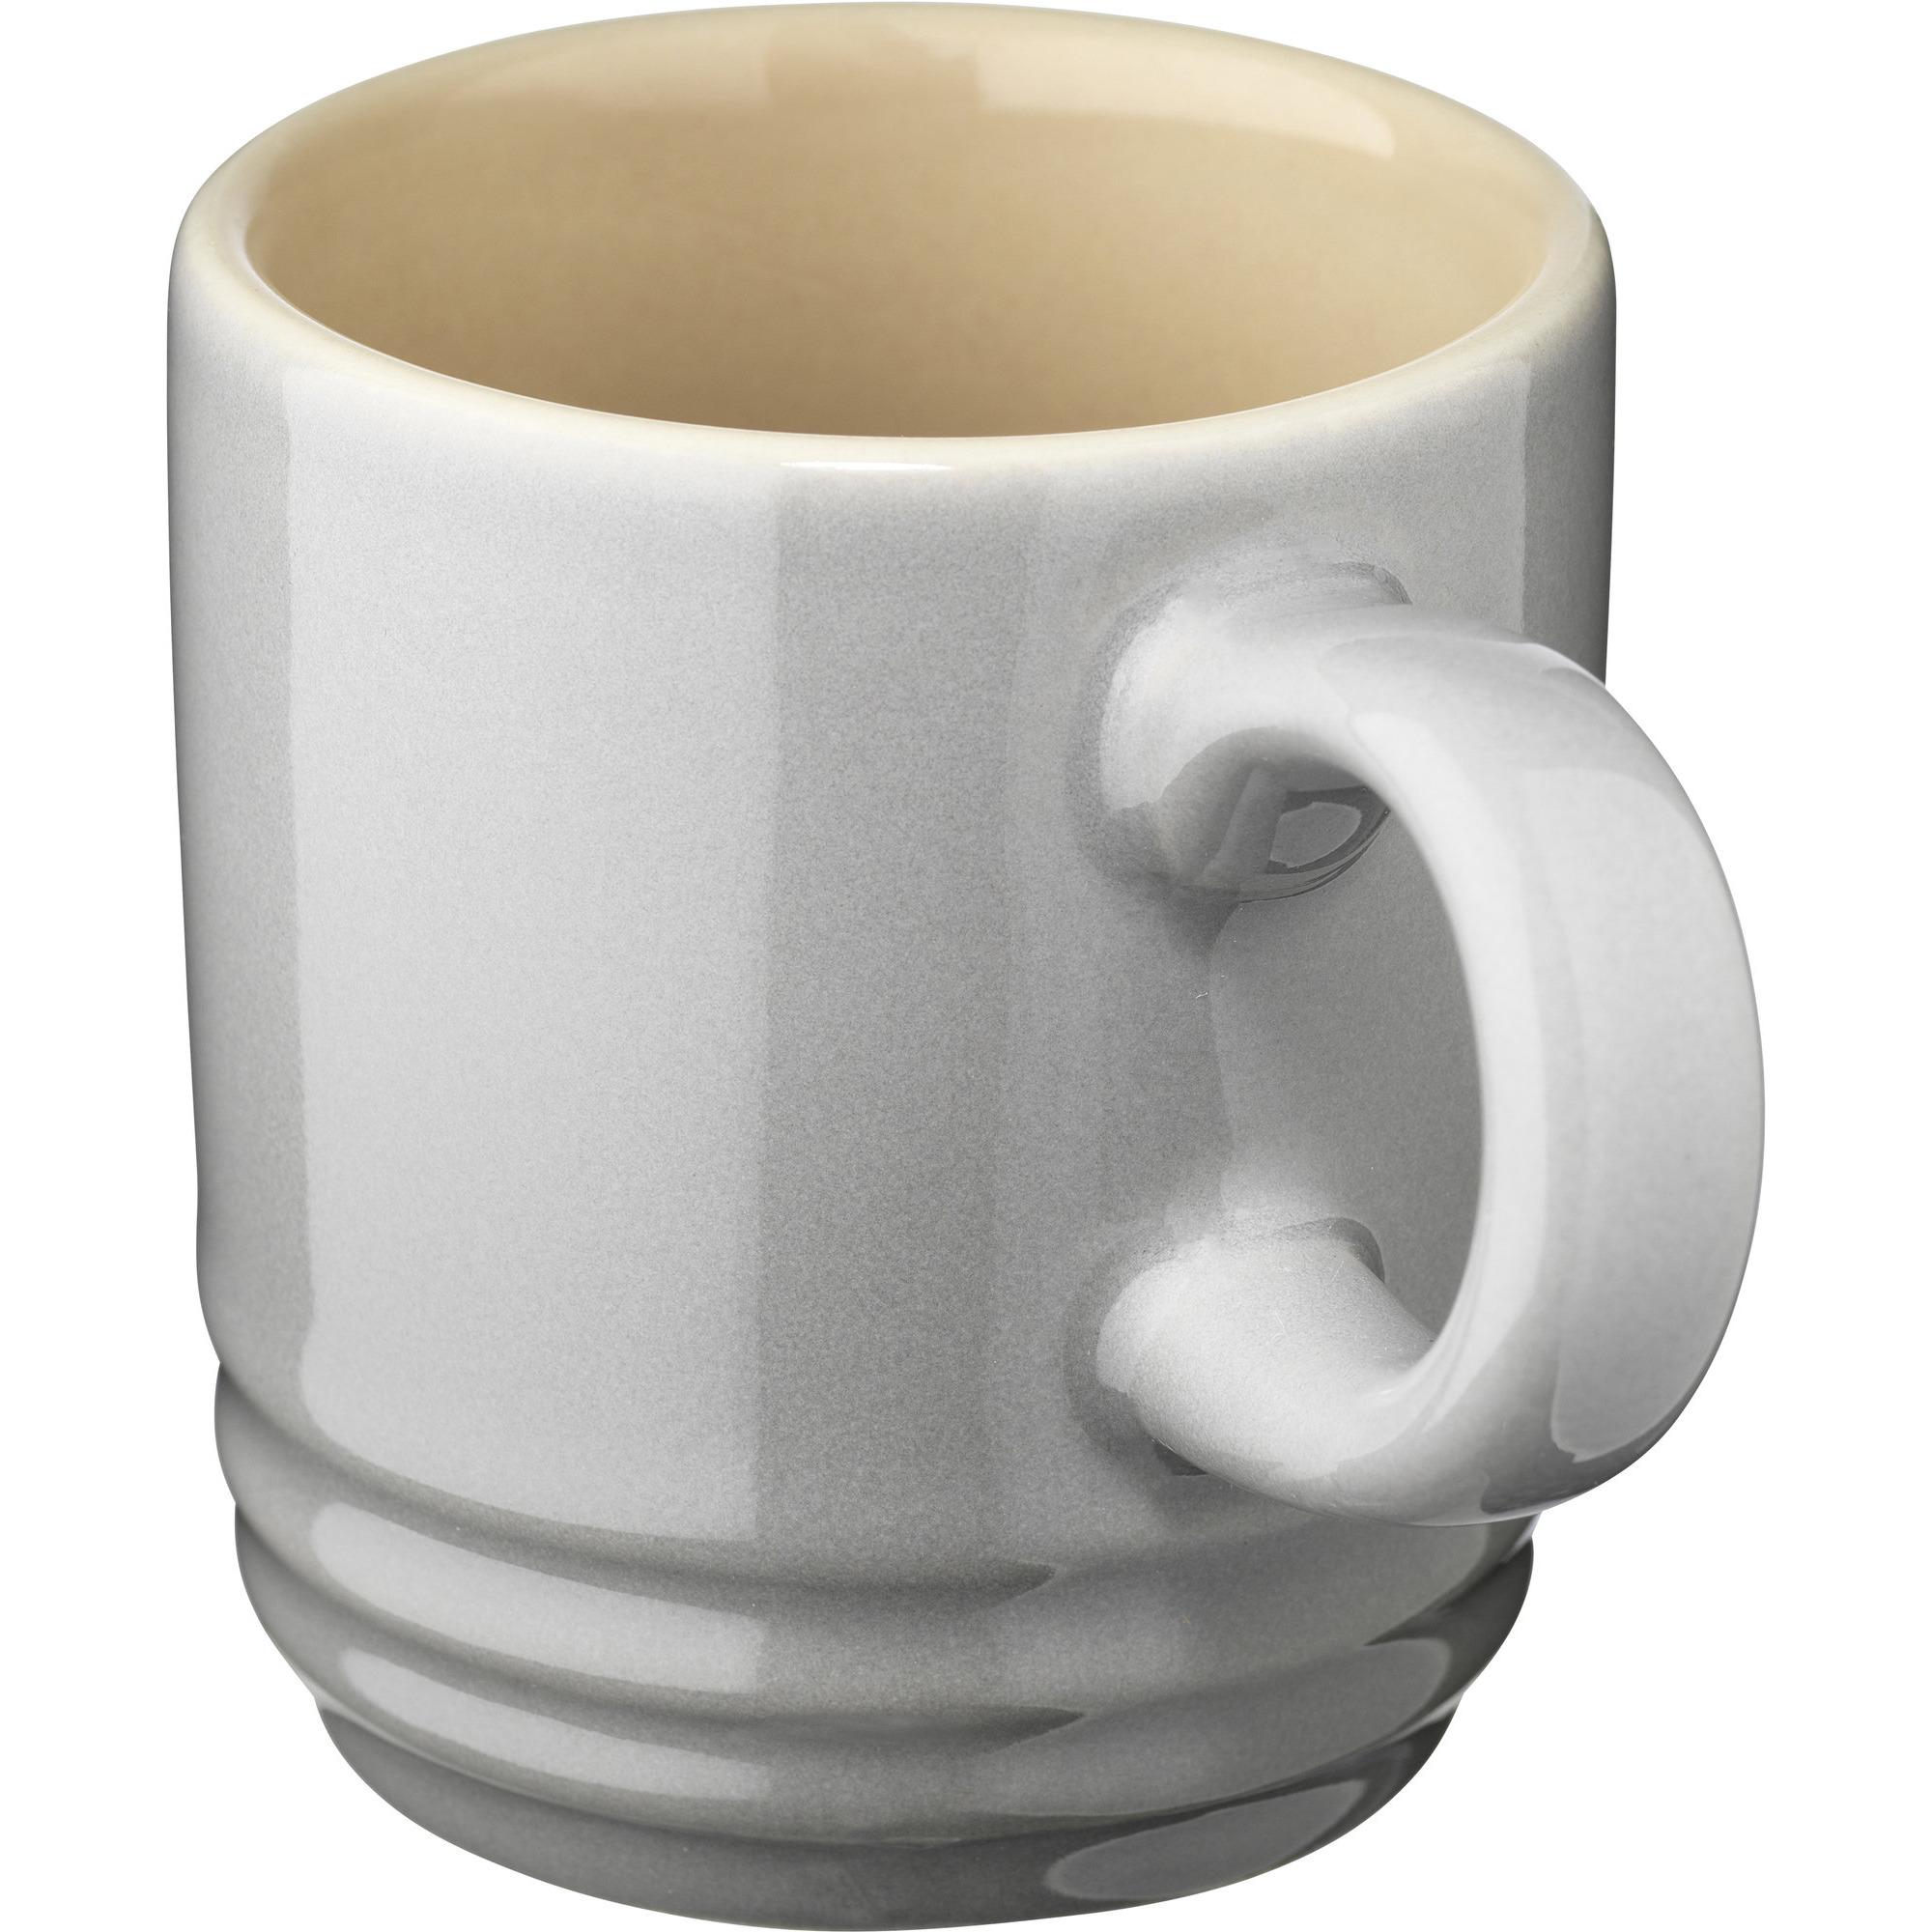 Le Creuset Espressokopp 70 ml Mist Gray